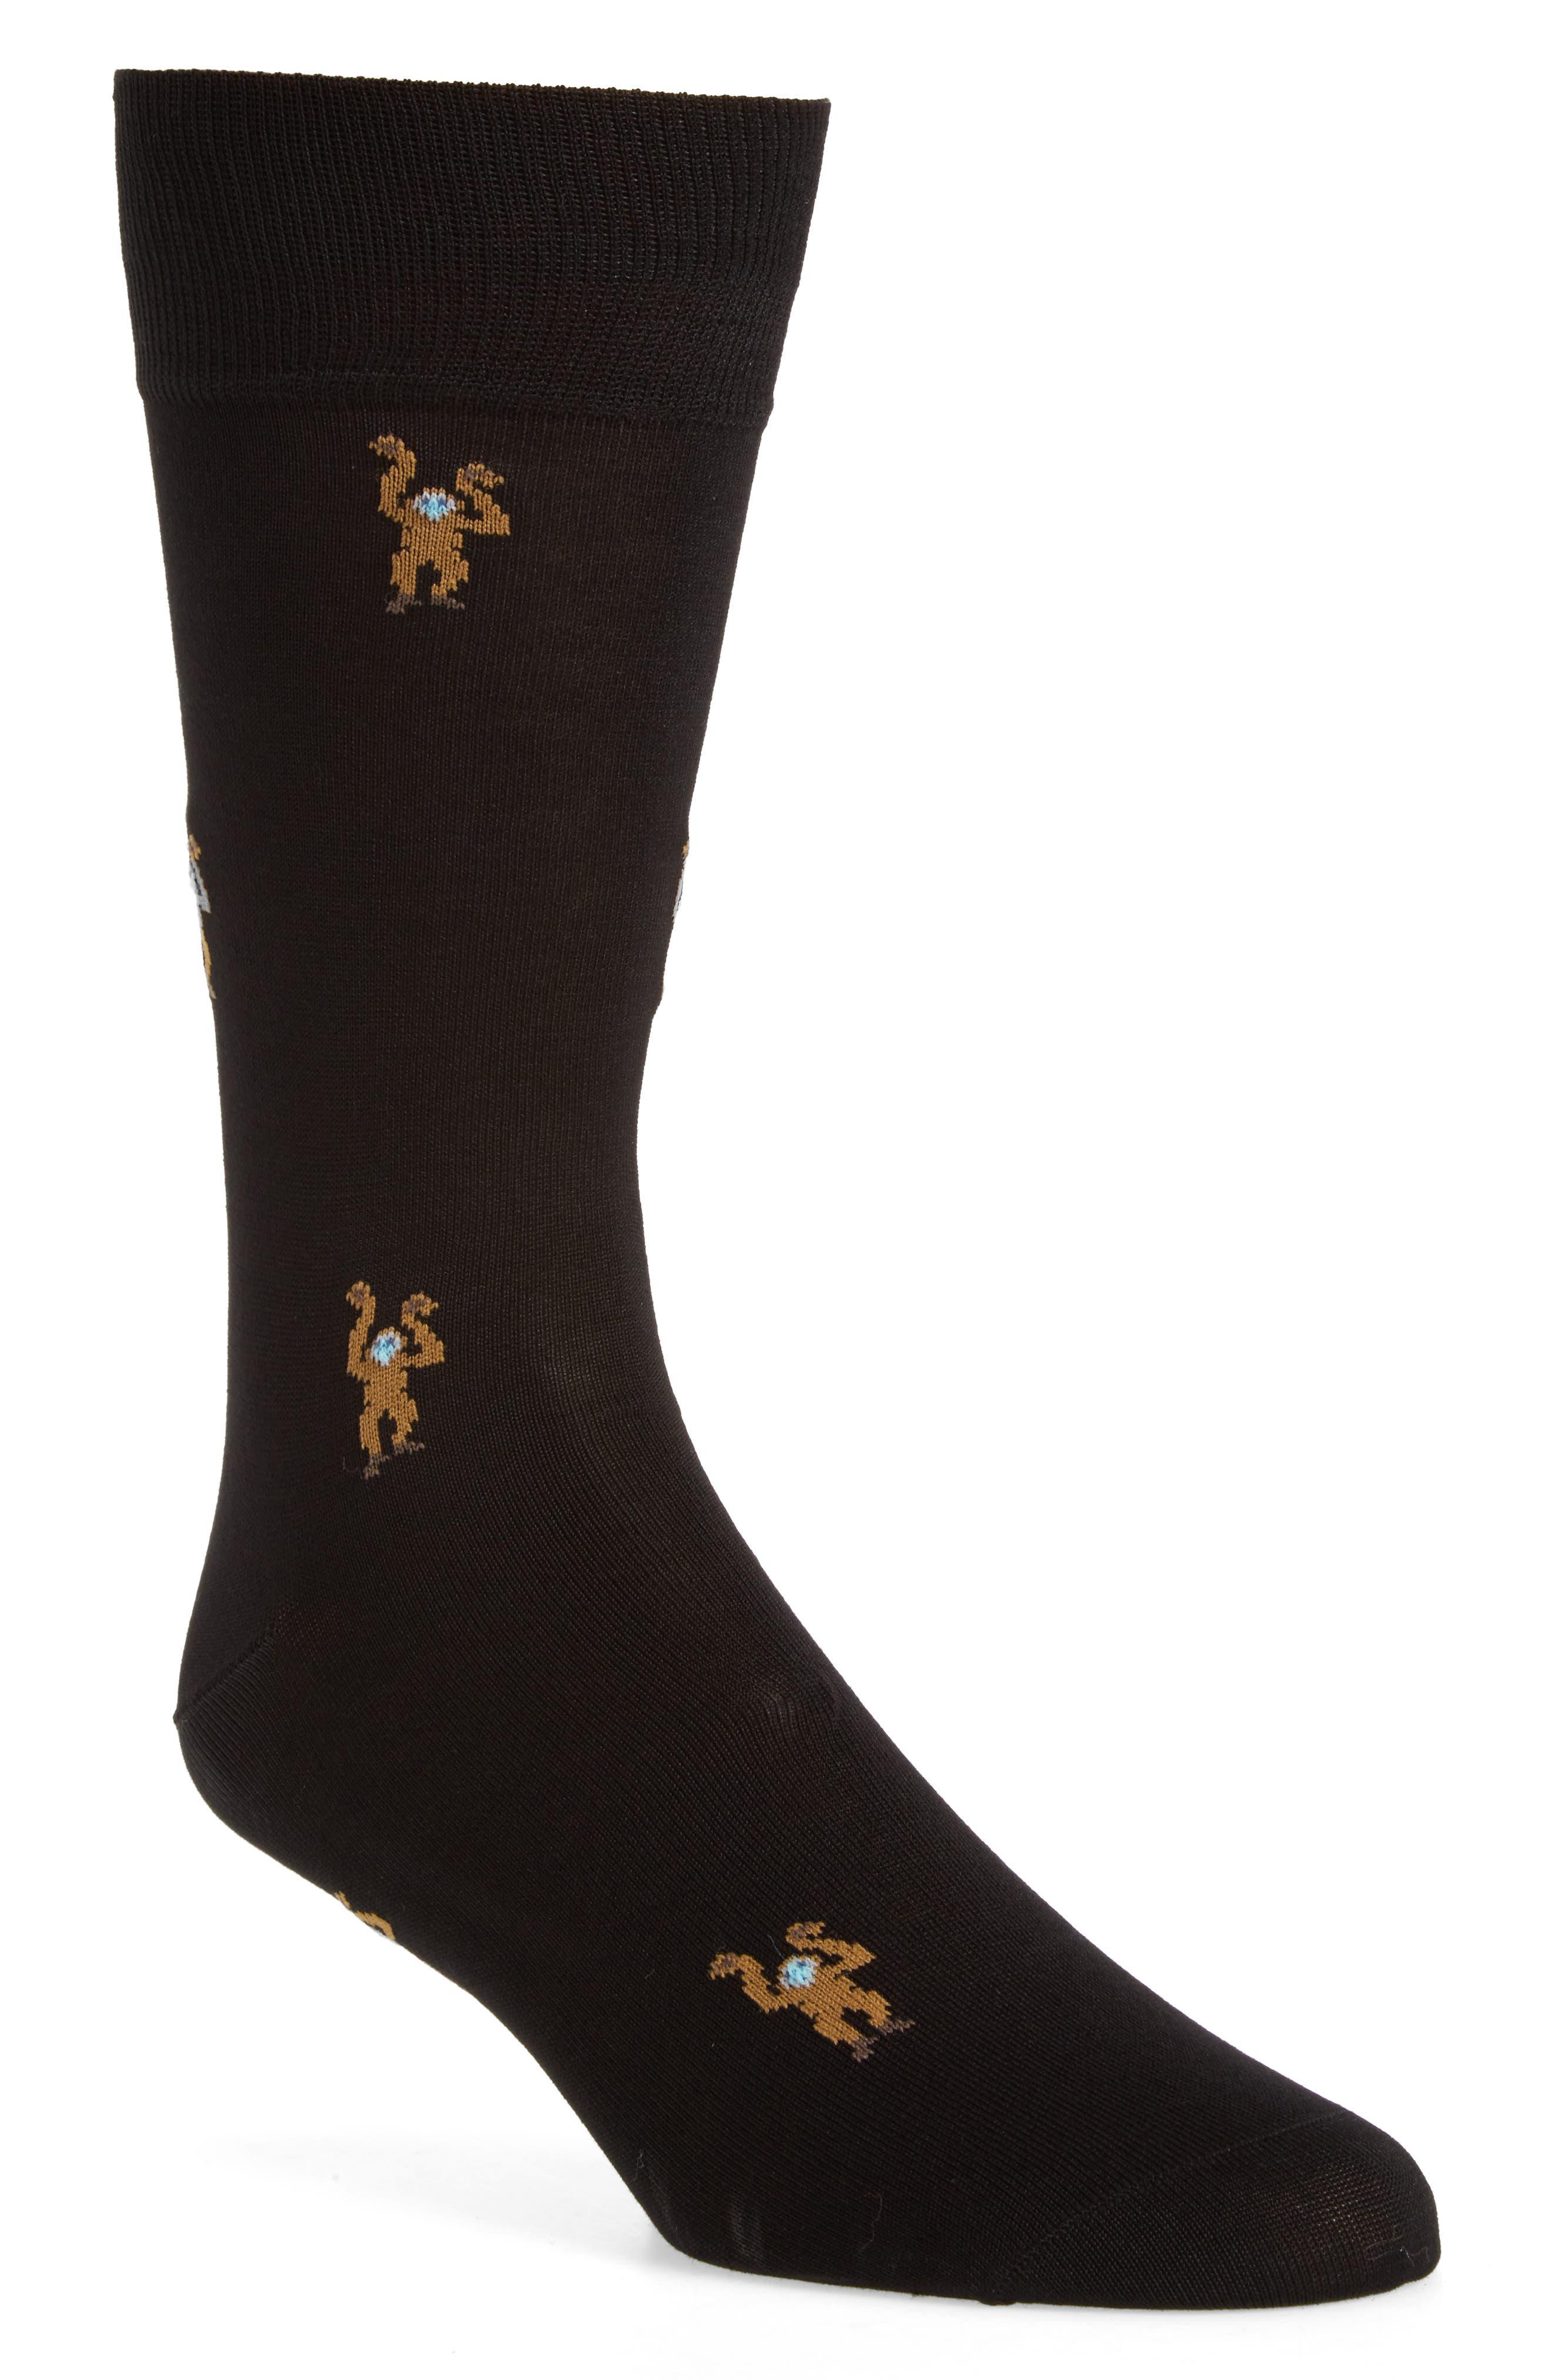 Monkey Socks,                         Main,                         color, 001